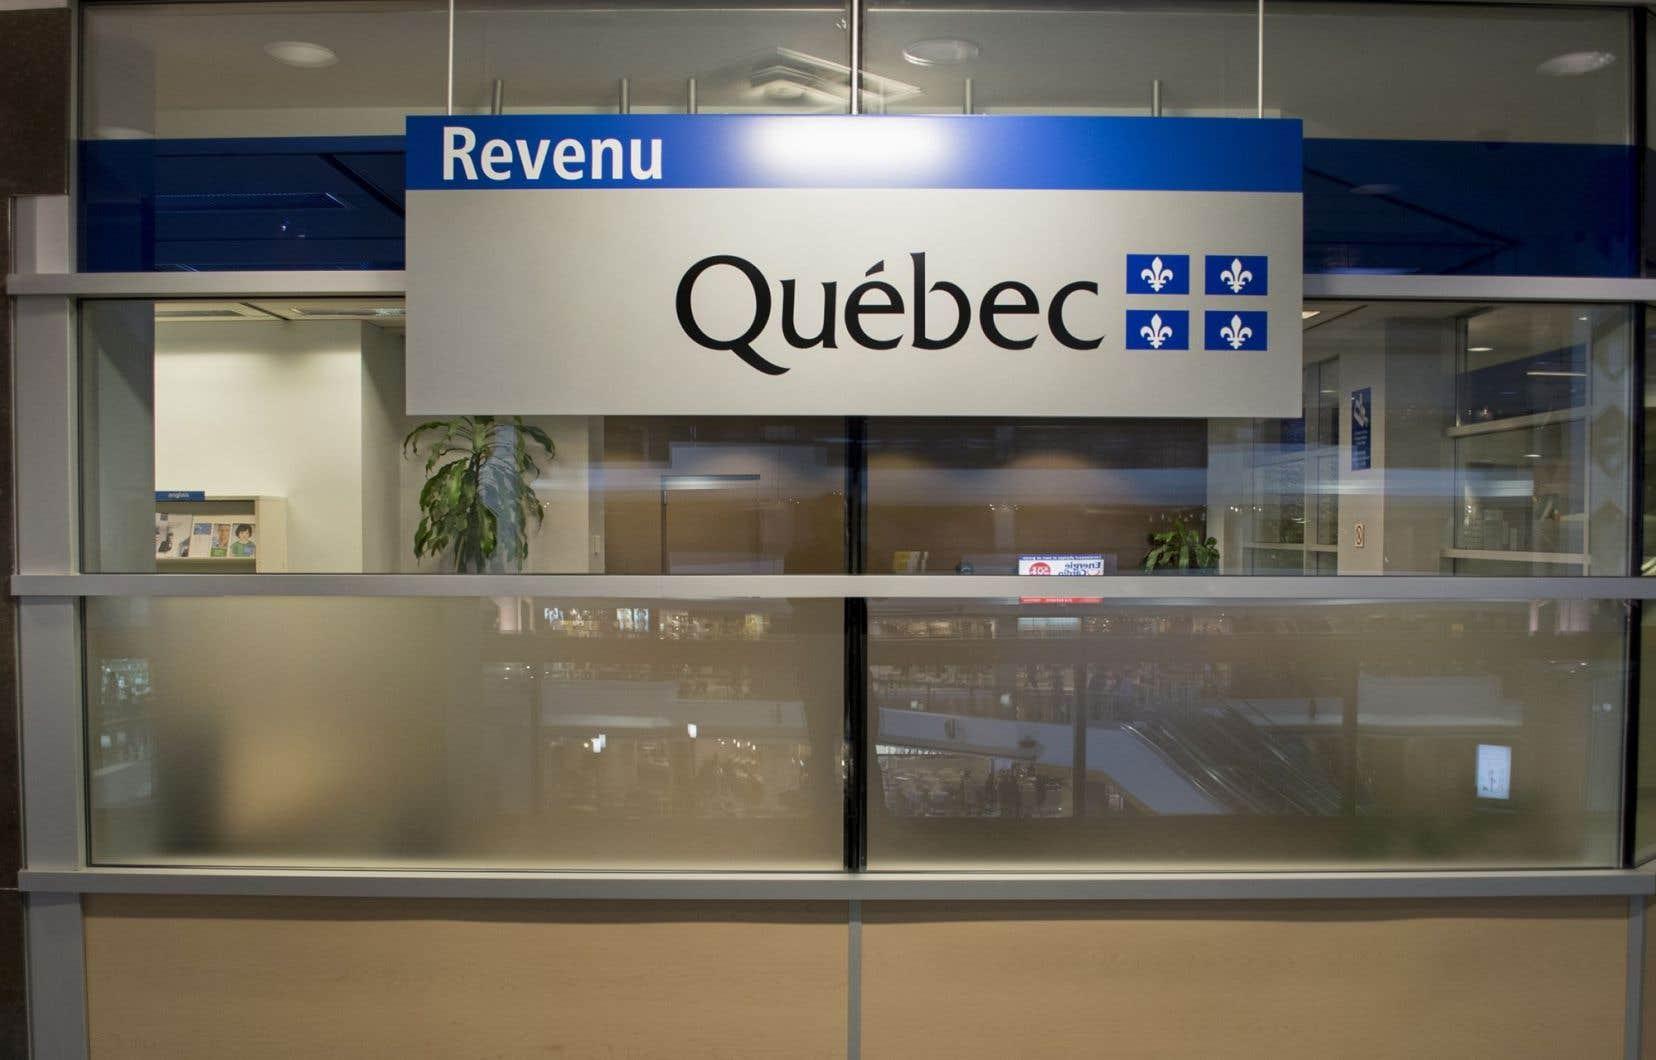 <p>Revenu Québec précise que les perquisitions visent à recueillir des éléments de preuve pertinents relatifs à l'enquête en cours et à ces infractions.</p>